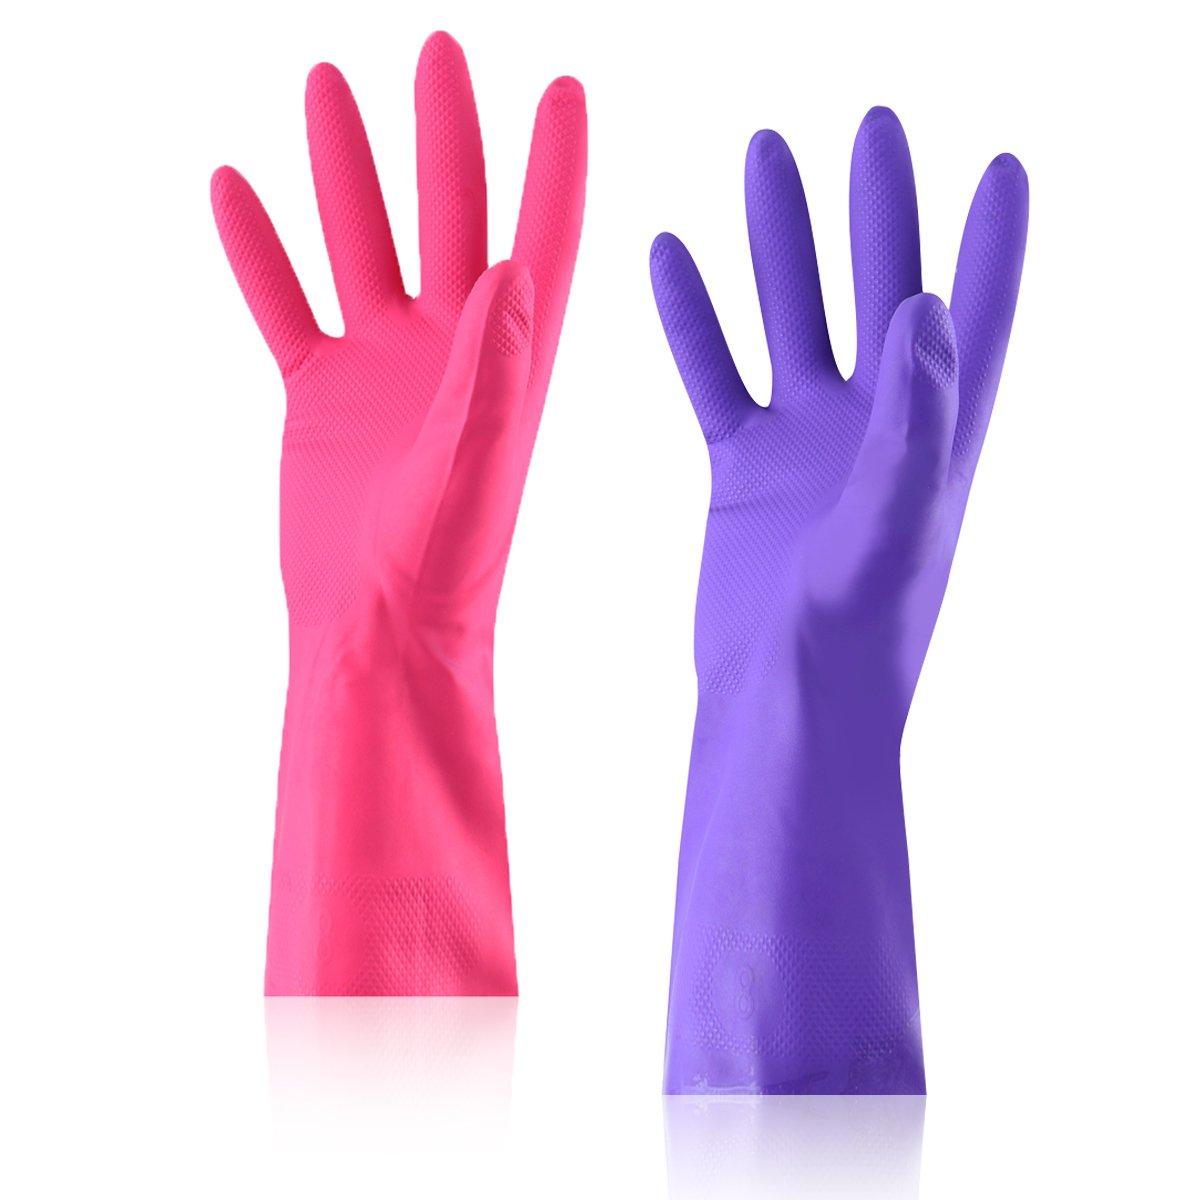 ラバーラテックス作業防水Household Gloves – aikegou再利用可能な洗濯手袋、手と快適フィット換気2パック M B0774L2J2J  M